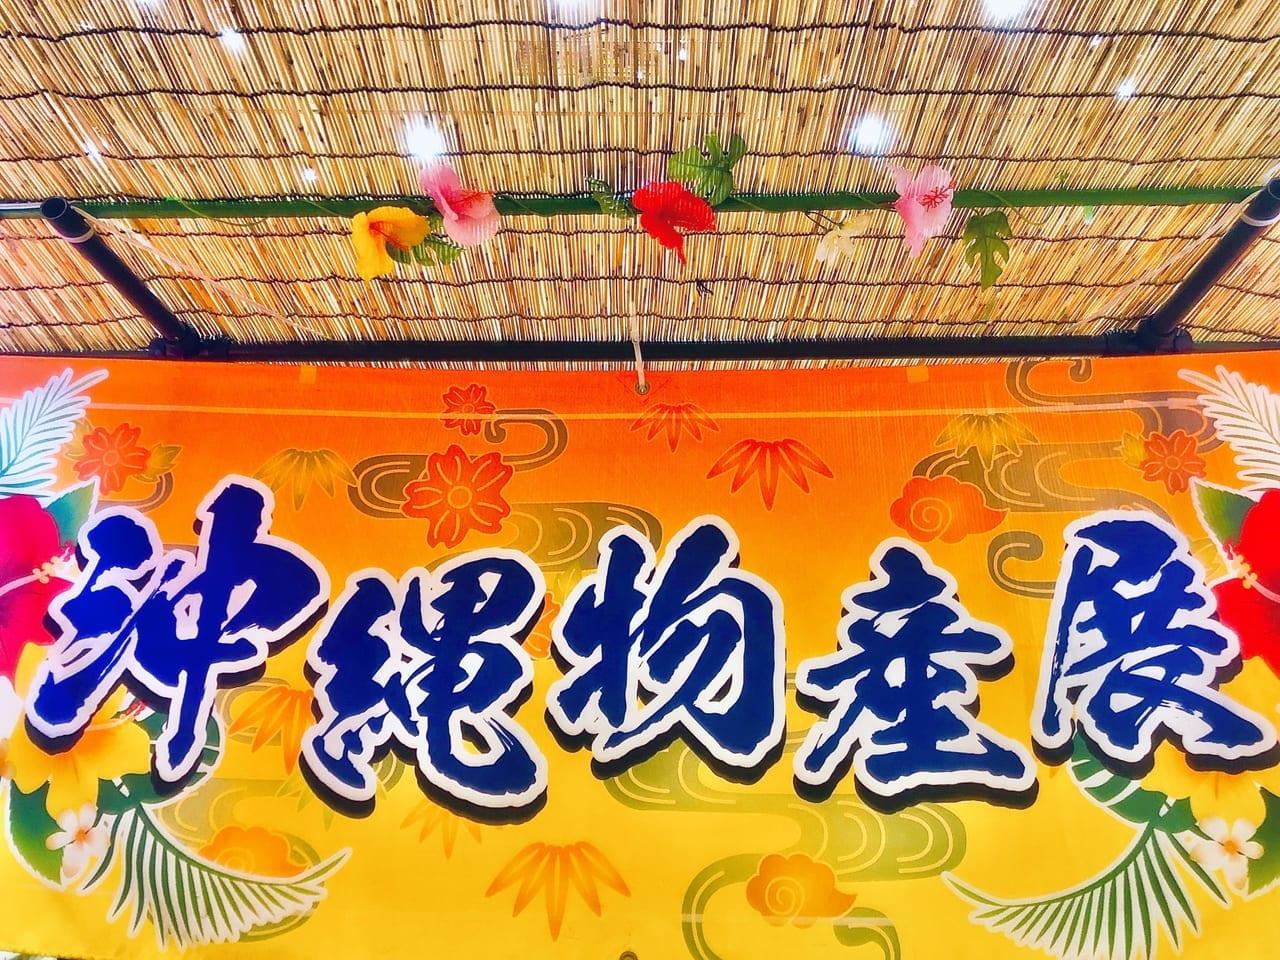 松本市物産展